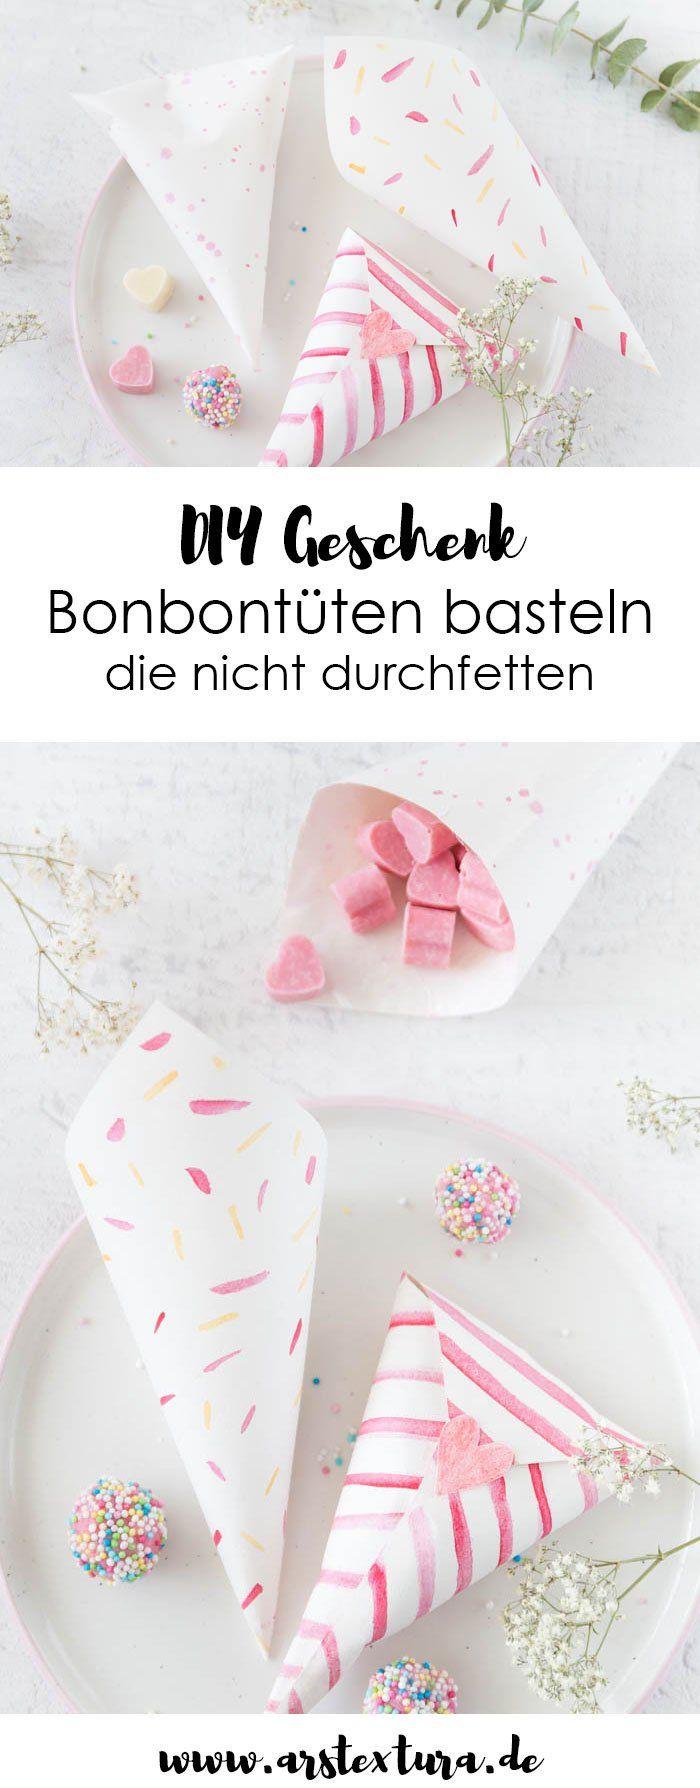 Bunte Herz-Schokolade & DIY Bonbontüten - DIY Geschenke zum Muttertag | ars textura – DIY-Blog